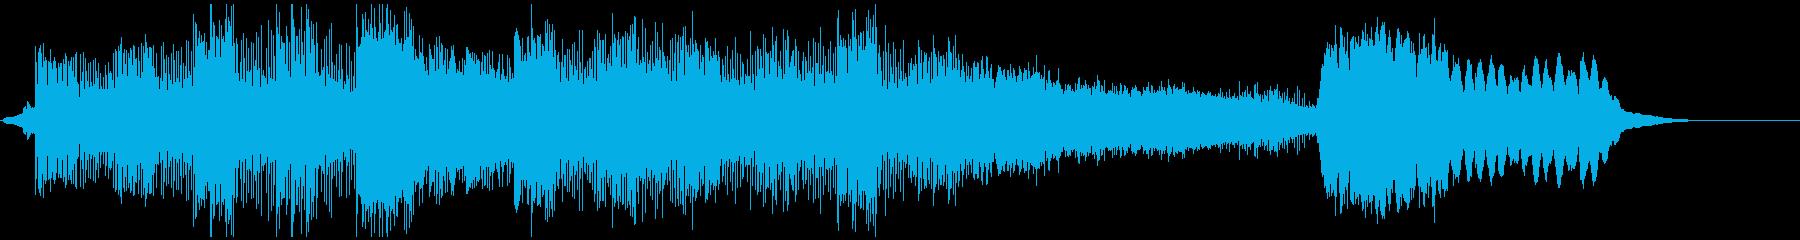 近未来・SF系の景色に合うBGMの再生済みの波形